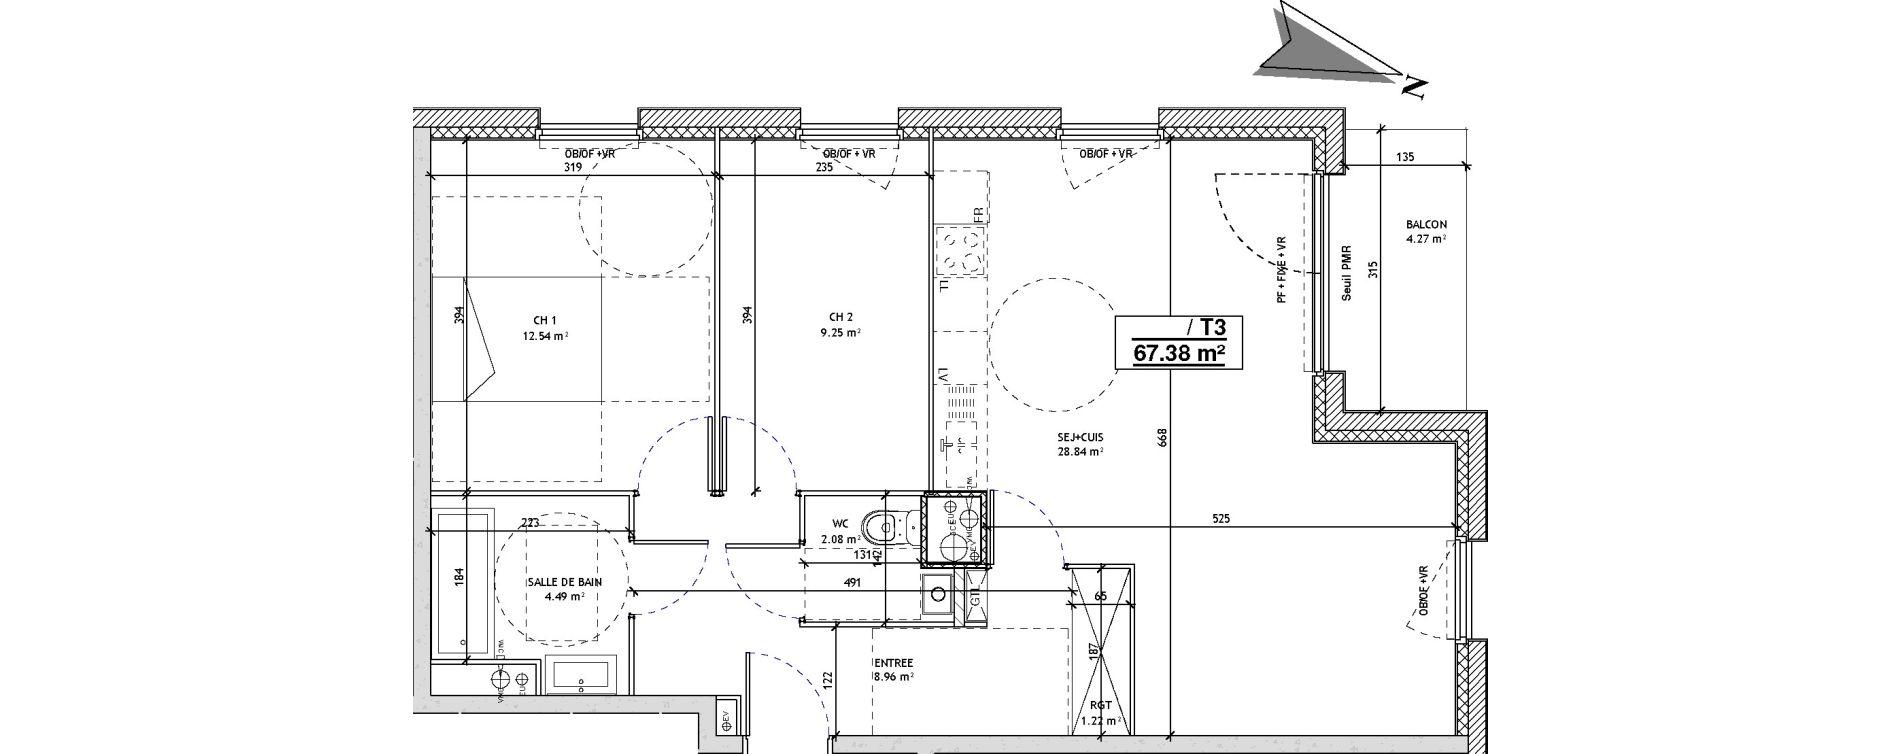 Appartement T3 de 67,38 m2 à Mons-En-Barœul Centre